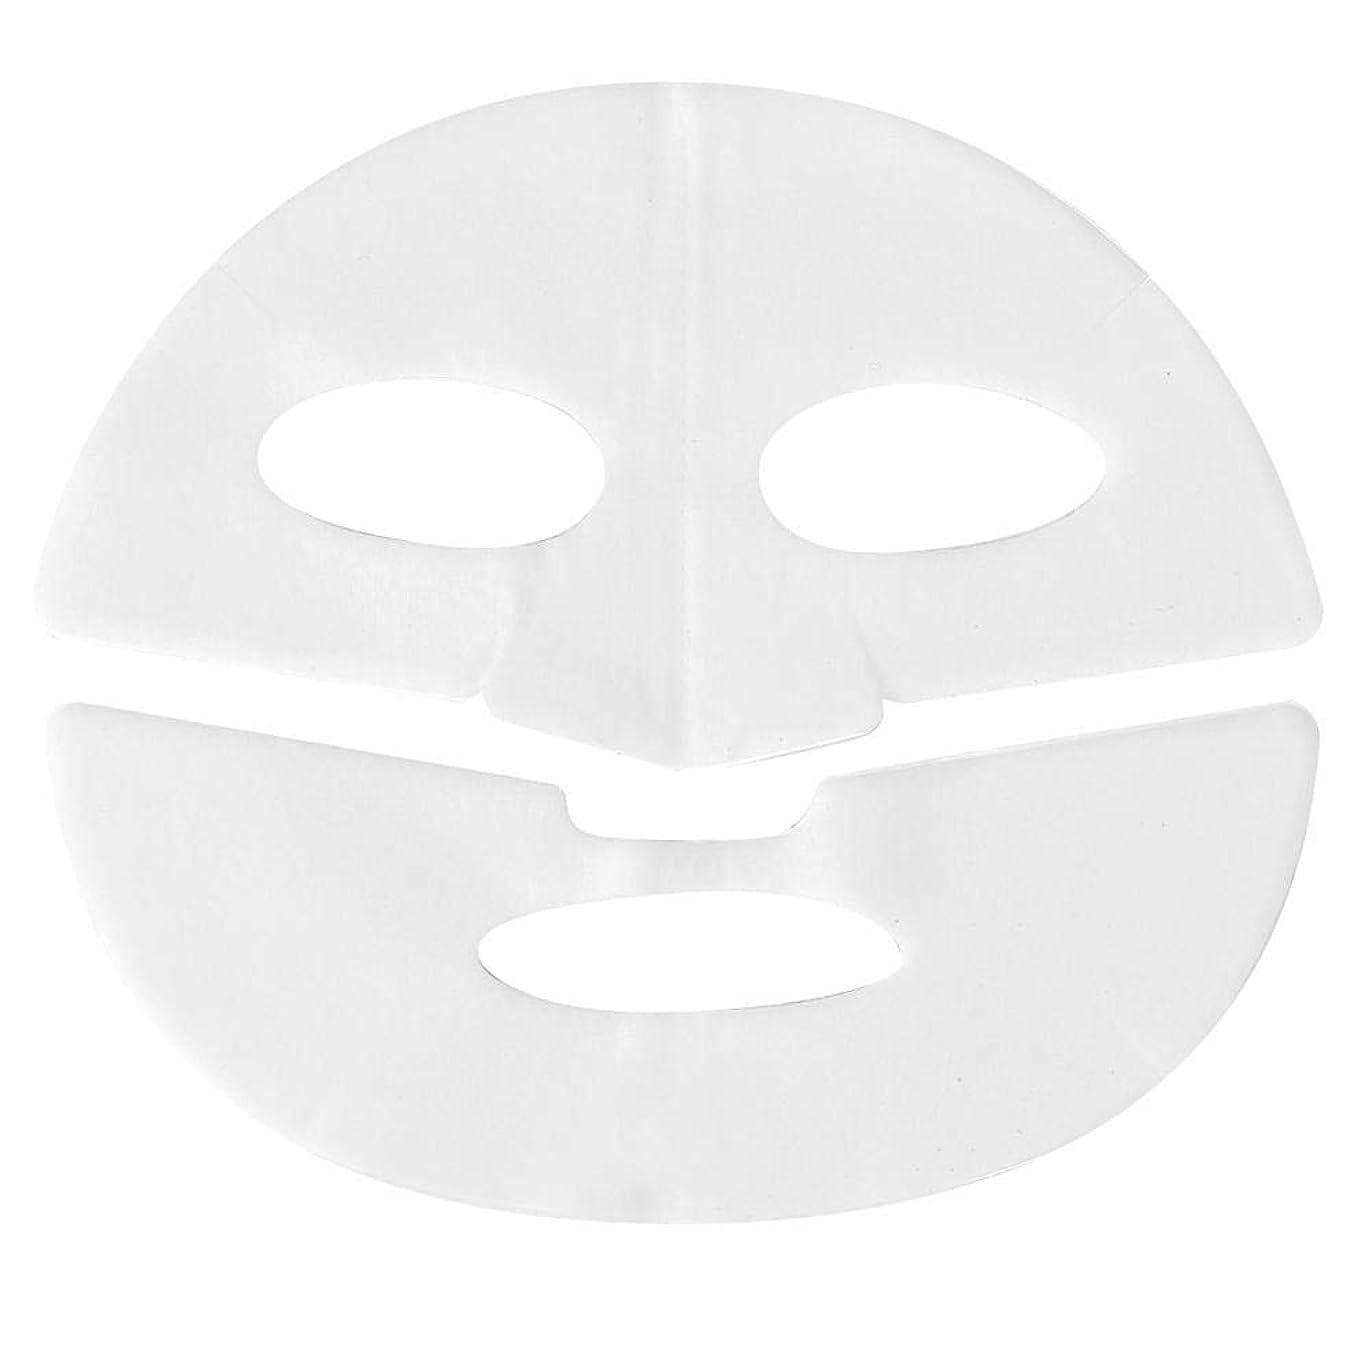 足首厳有効化10 PCS痩身マスク - 水分補給用V字型マスク、保湿マスク - 首とあごのリフト、アンチエイジング、しわを軽減